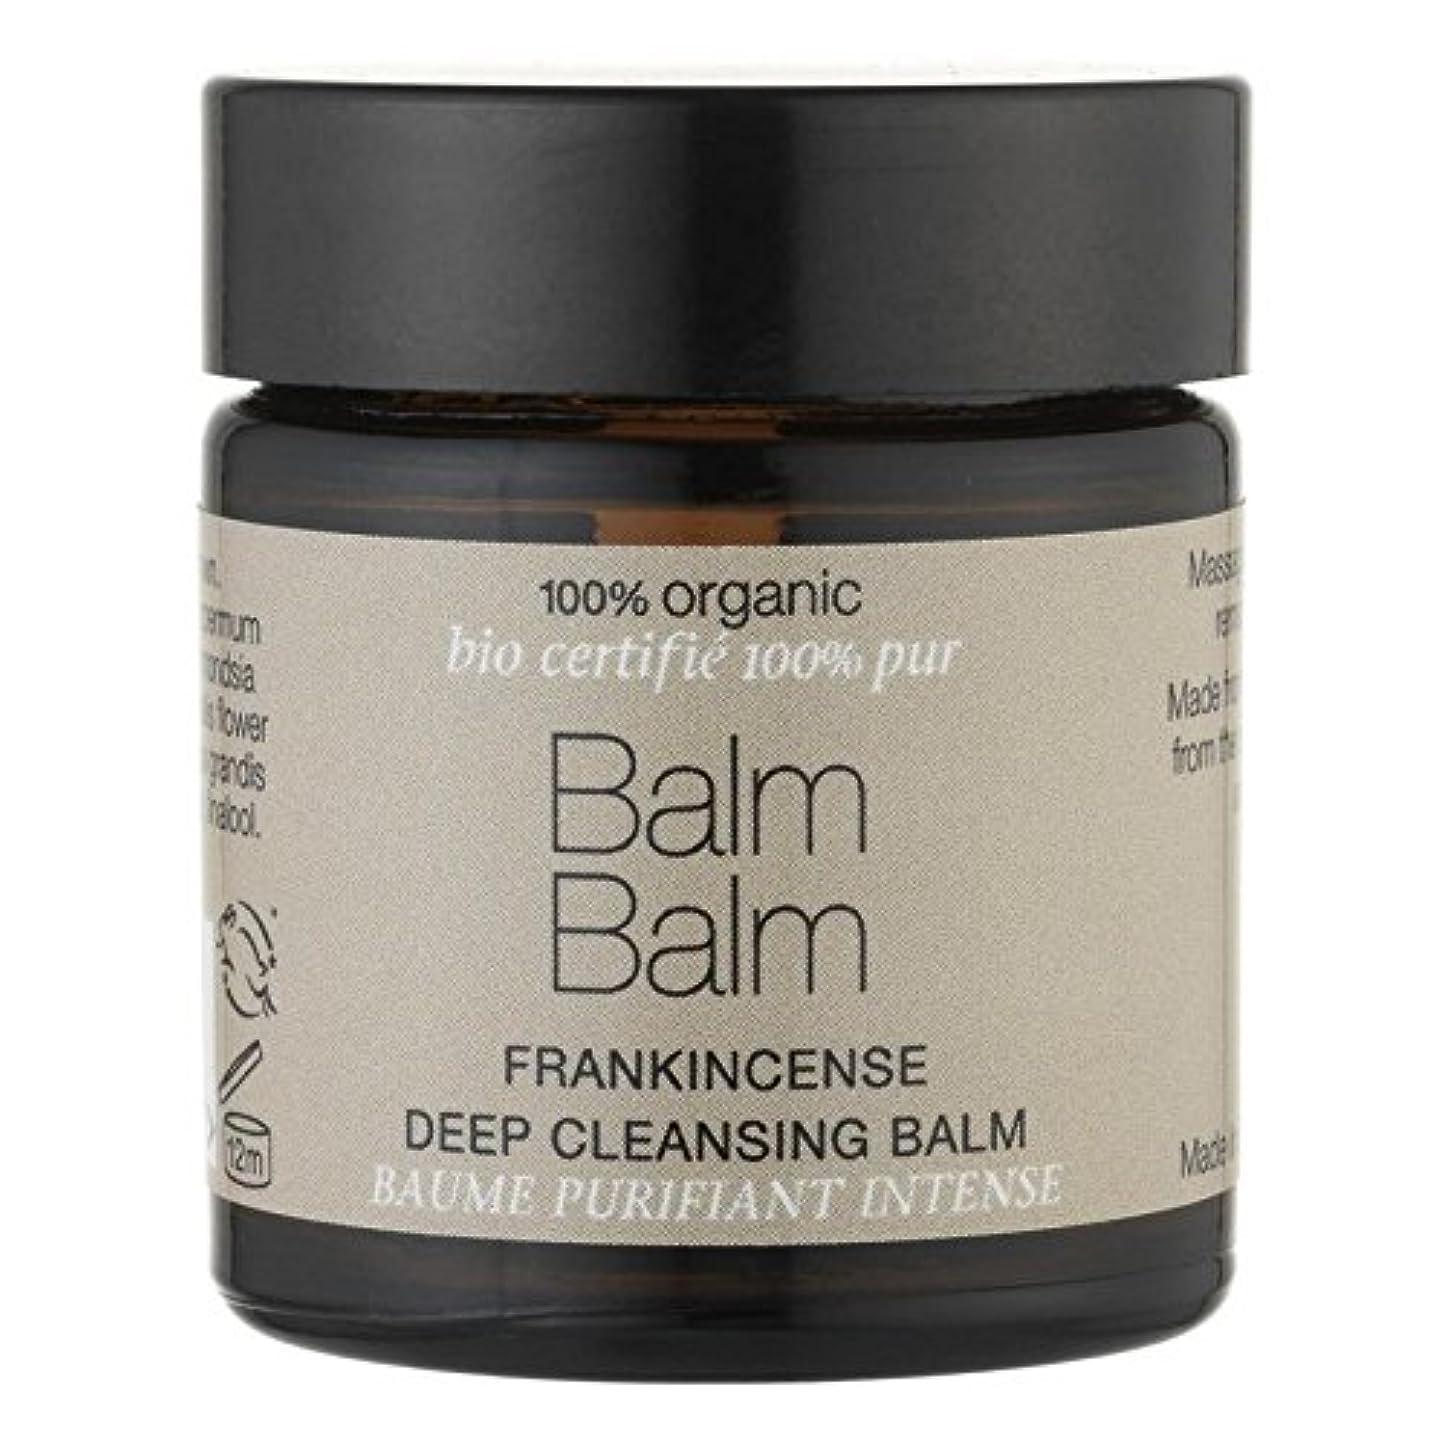 想像力豊かな粉砕する影響するBalm Balm Frankincense Organic Deep Cleansing Balm 30ml (Pack of 6) - バームバーム乳香有機ディープクレンジングクリーム30ミリリットル x6 [並行輸入品]